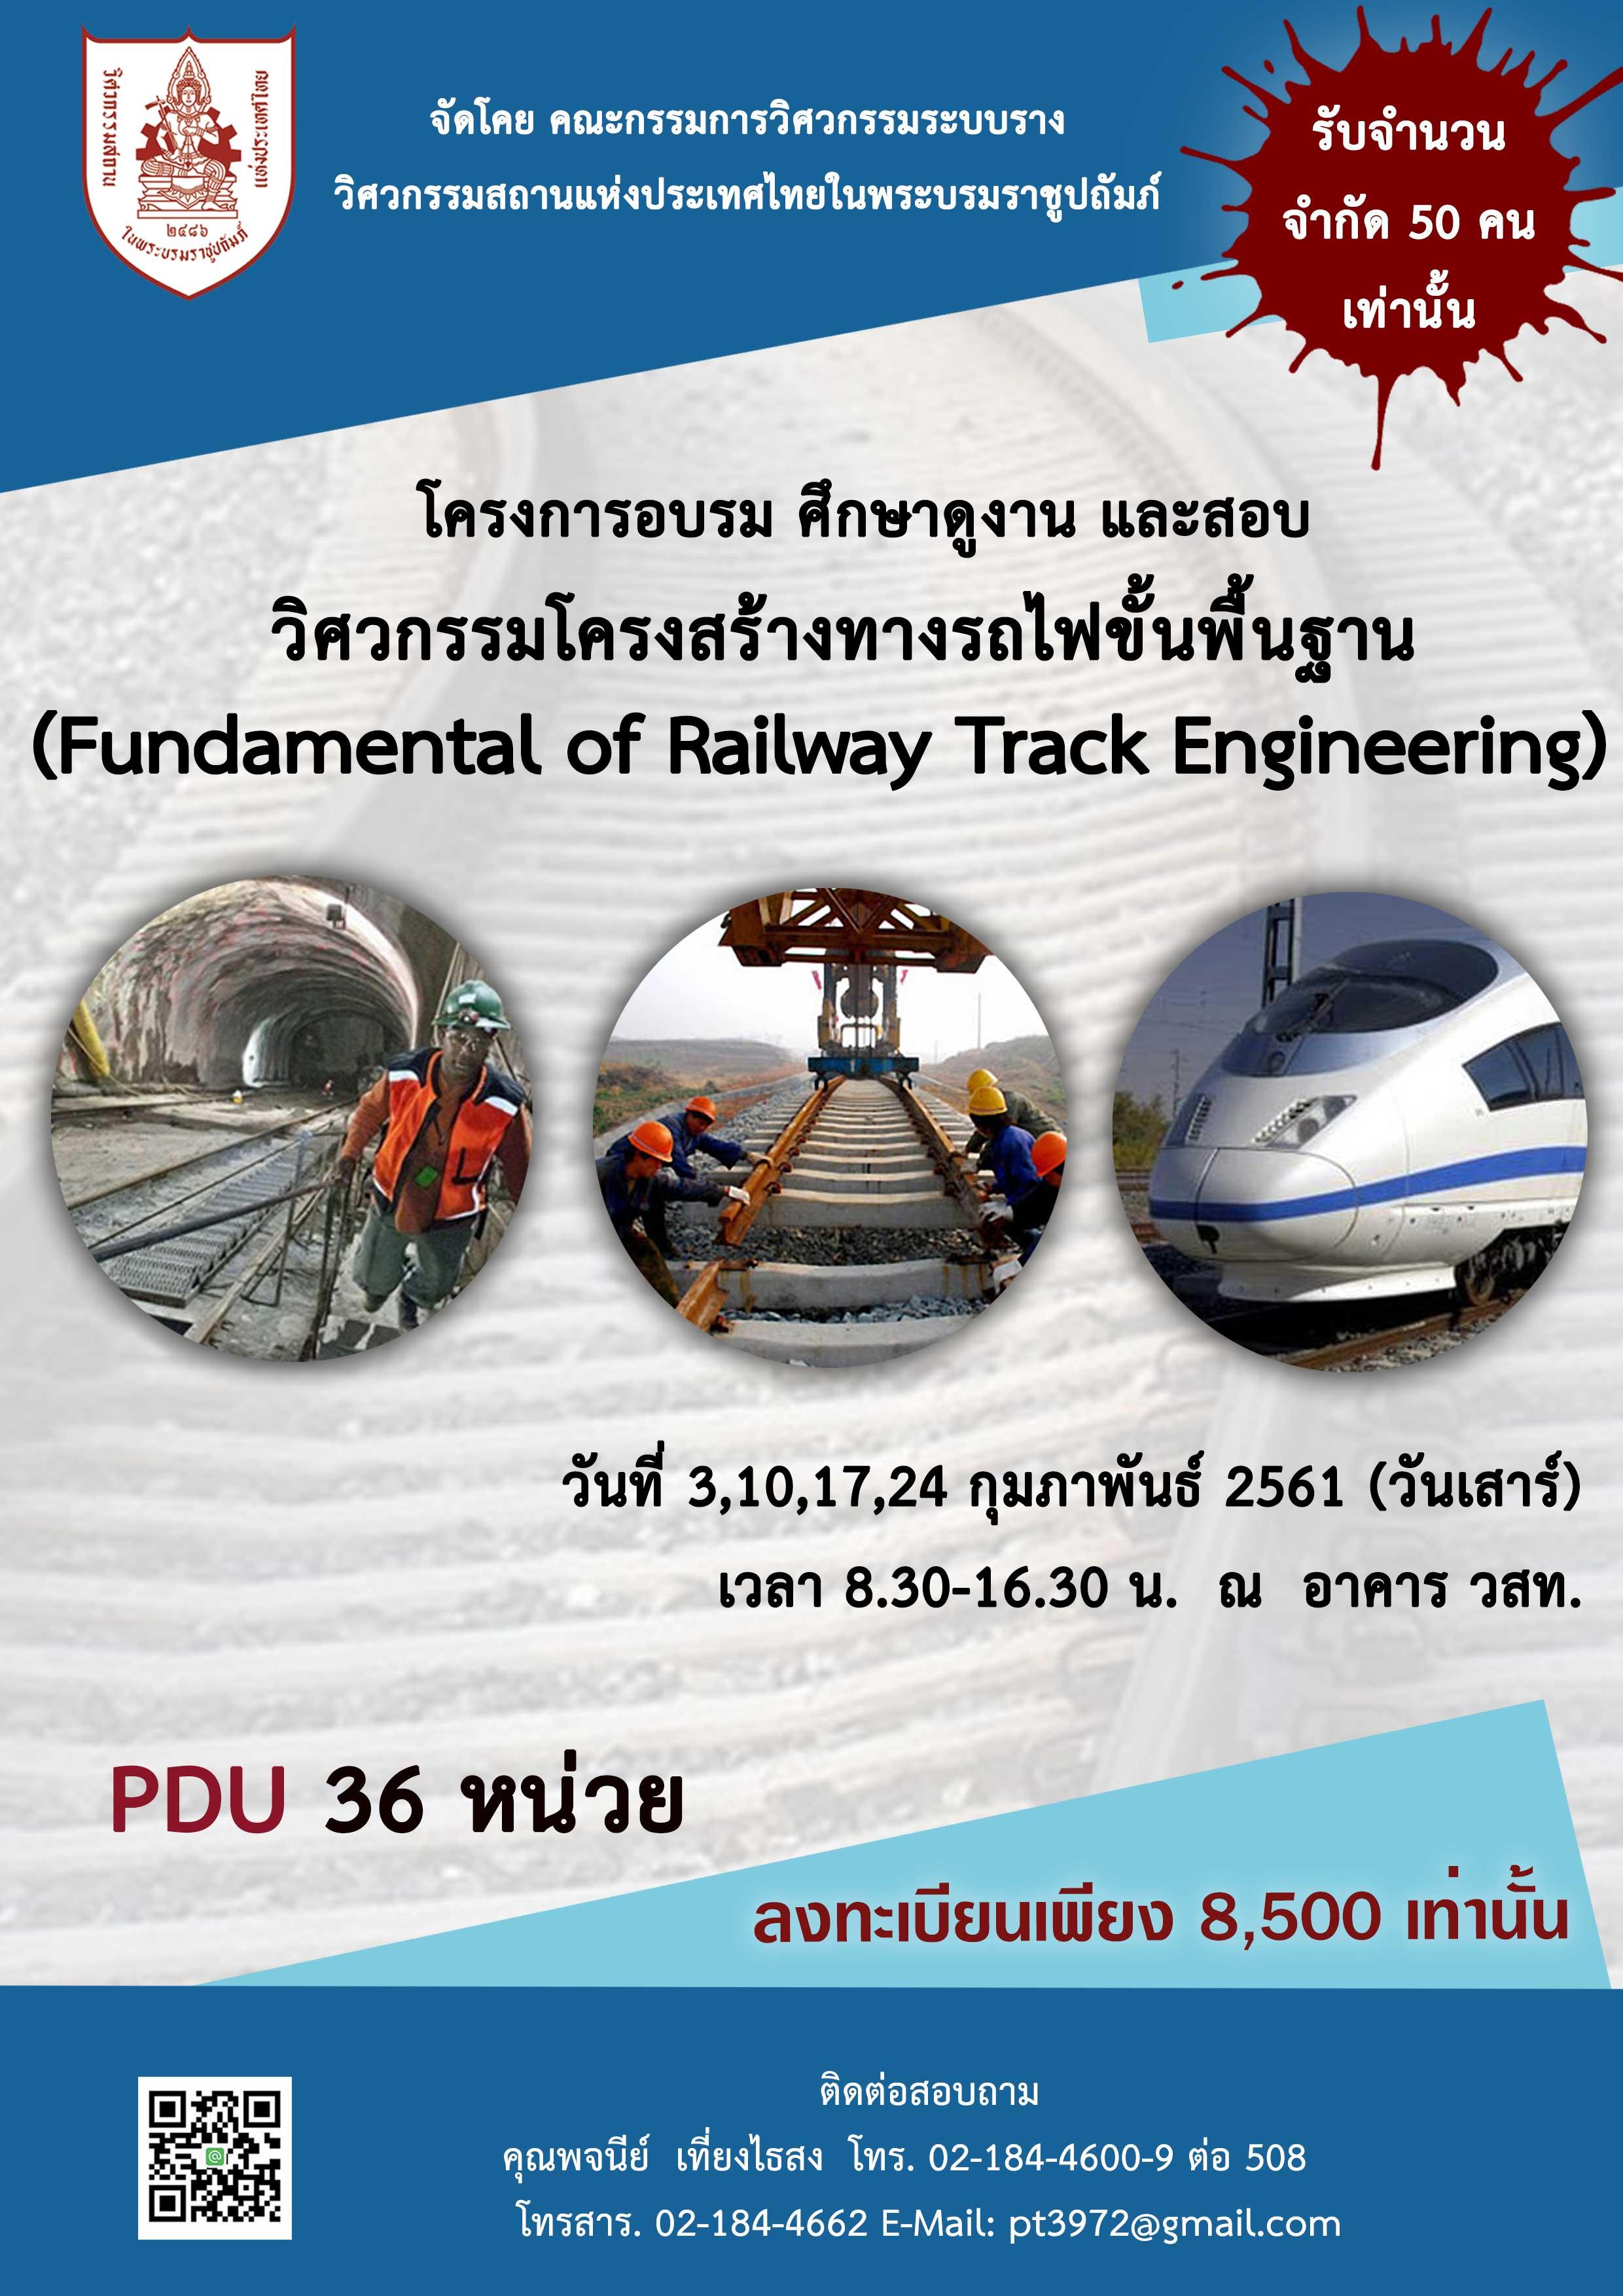 โครงการอบรมศึกษาดูงานและสอบ วิศวกรรมโครงสร้างทางรถไฟ ขั้นพื้นฐาน (วันเสาร์ที่ 3,10,17,24 กุมภาพันธ์ 2561 ปิดรับสมัครแล้ว ( ณ อาคาร วสท.)